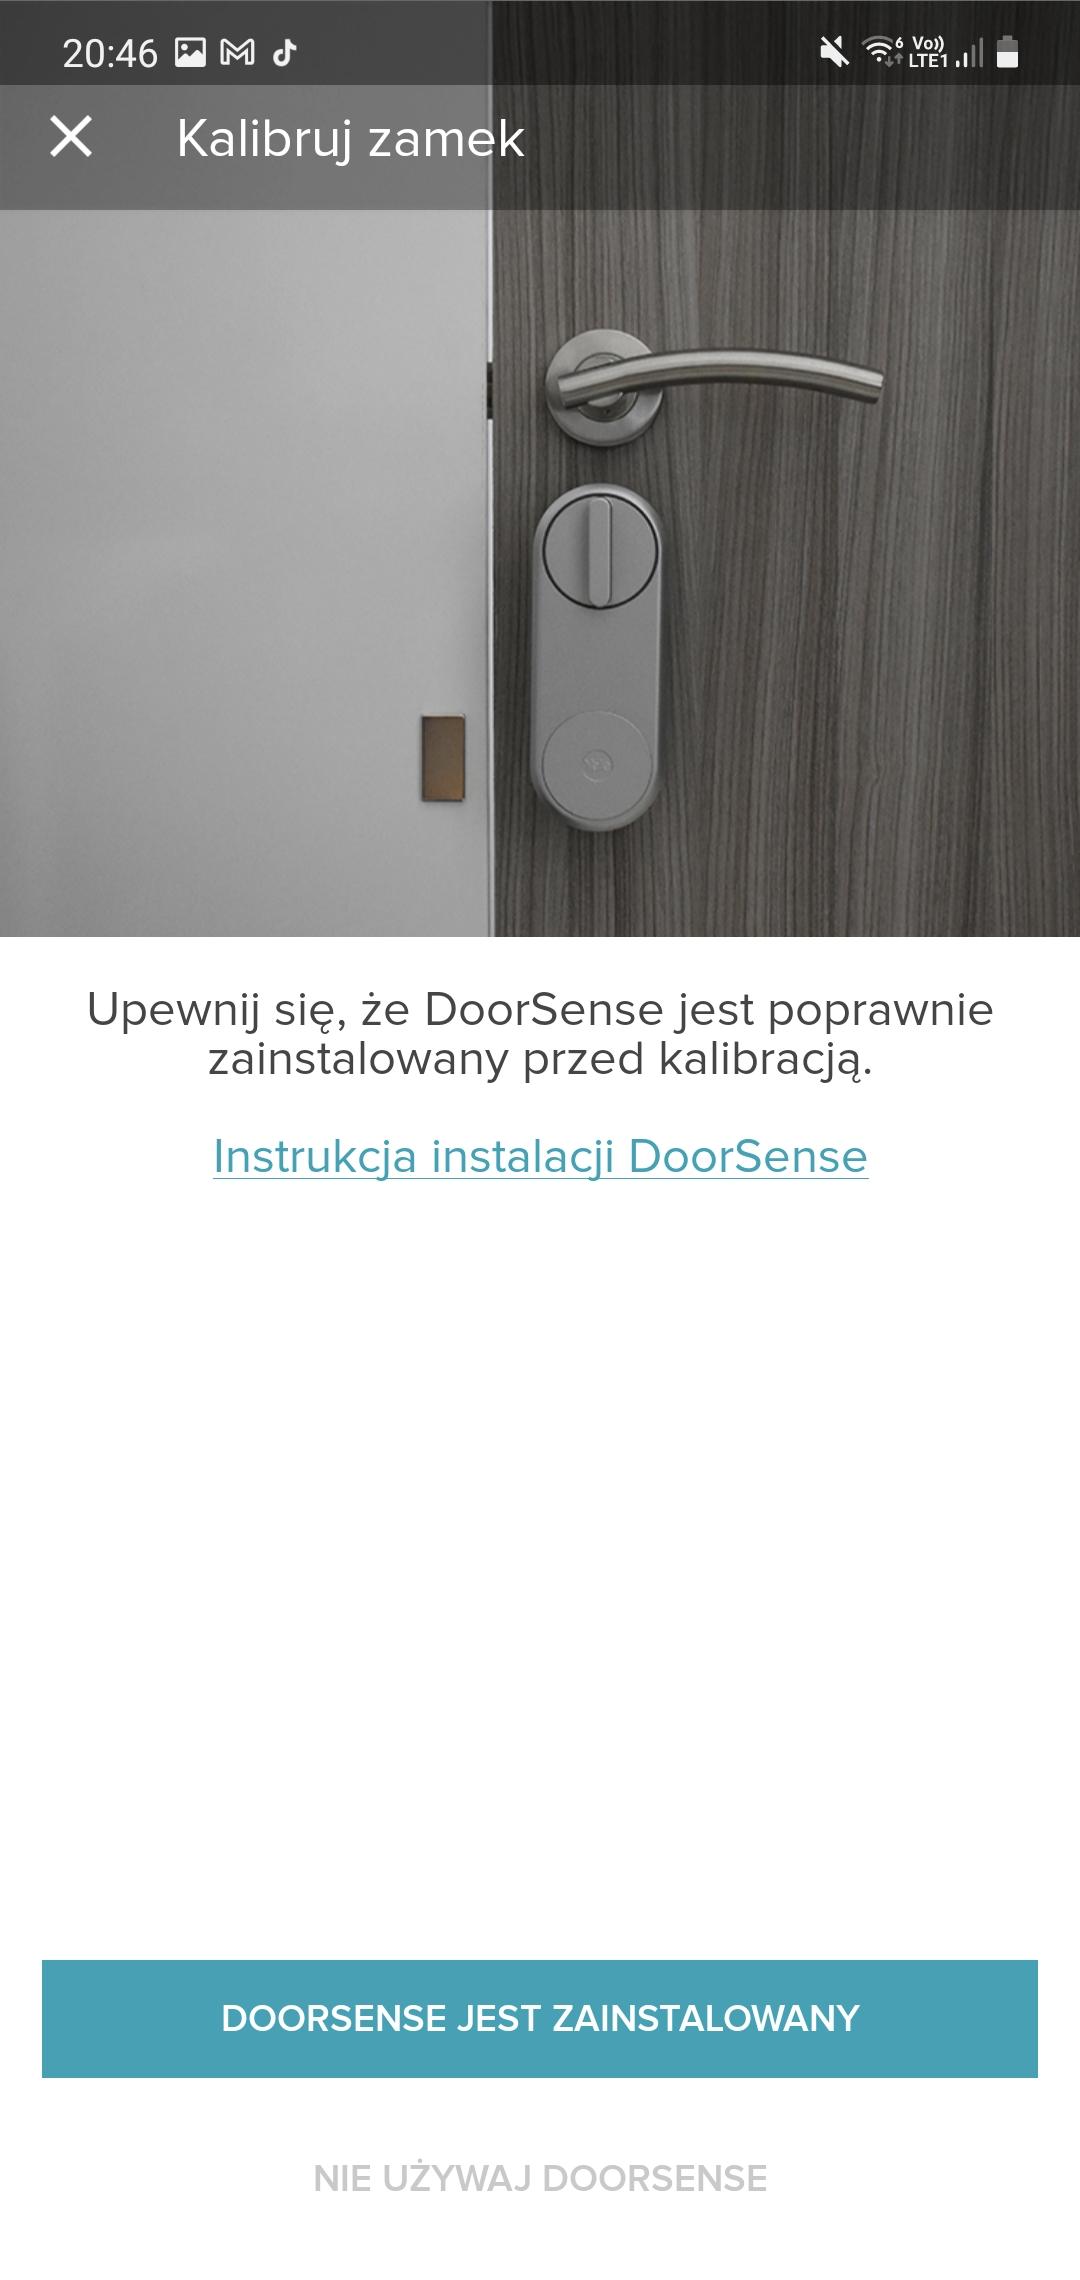 Recenzja inteligentnego zamka Yale Linus Smart Lock. To sprzęt, który uzależnia!